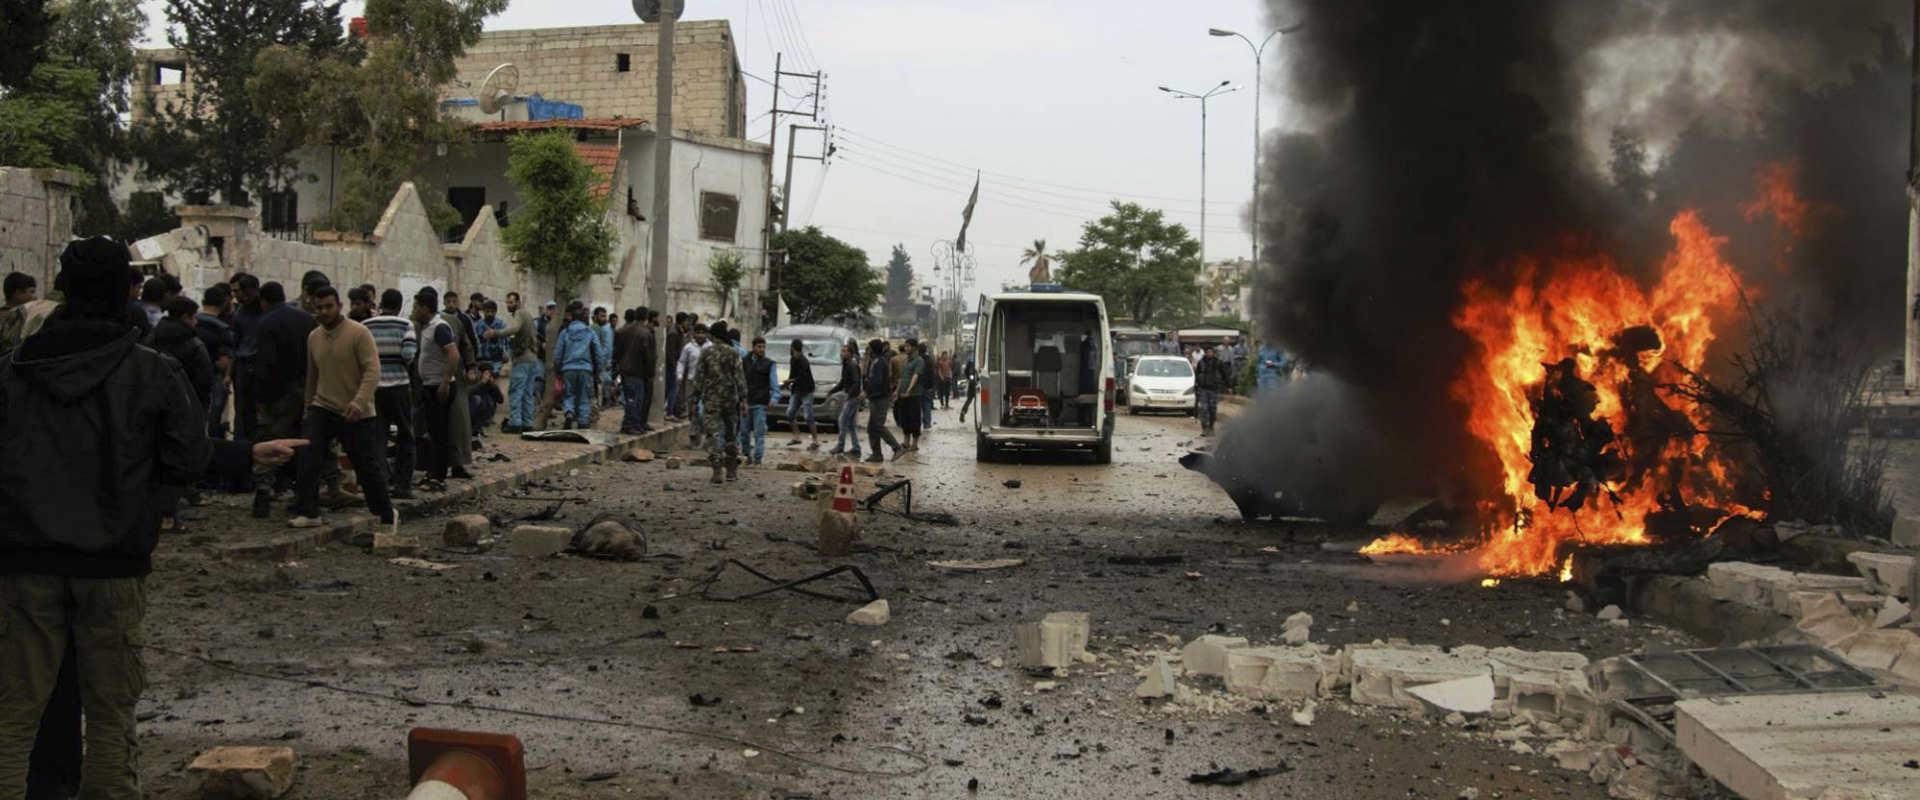 פיצוץ מכונית בצפון סוריה, 3 במאי 2017